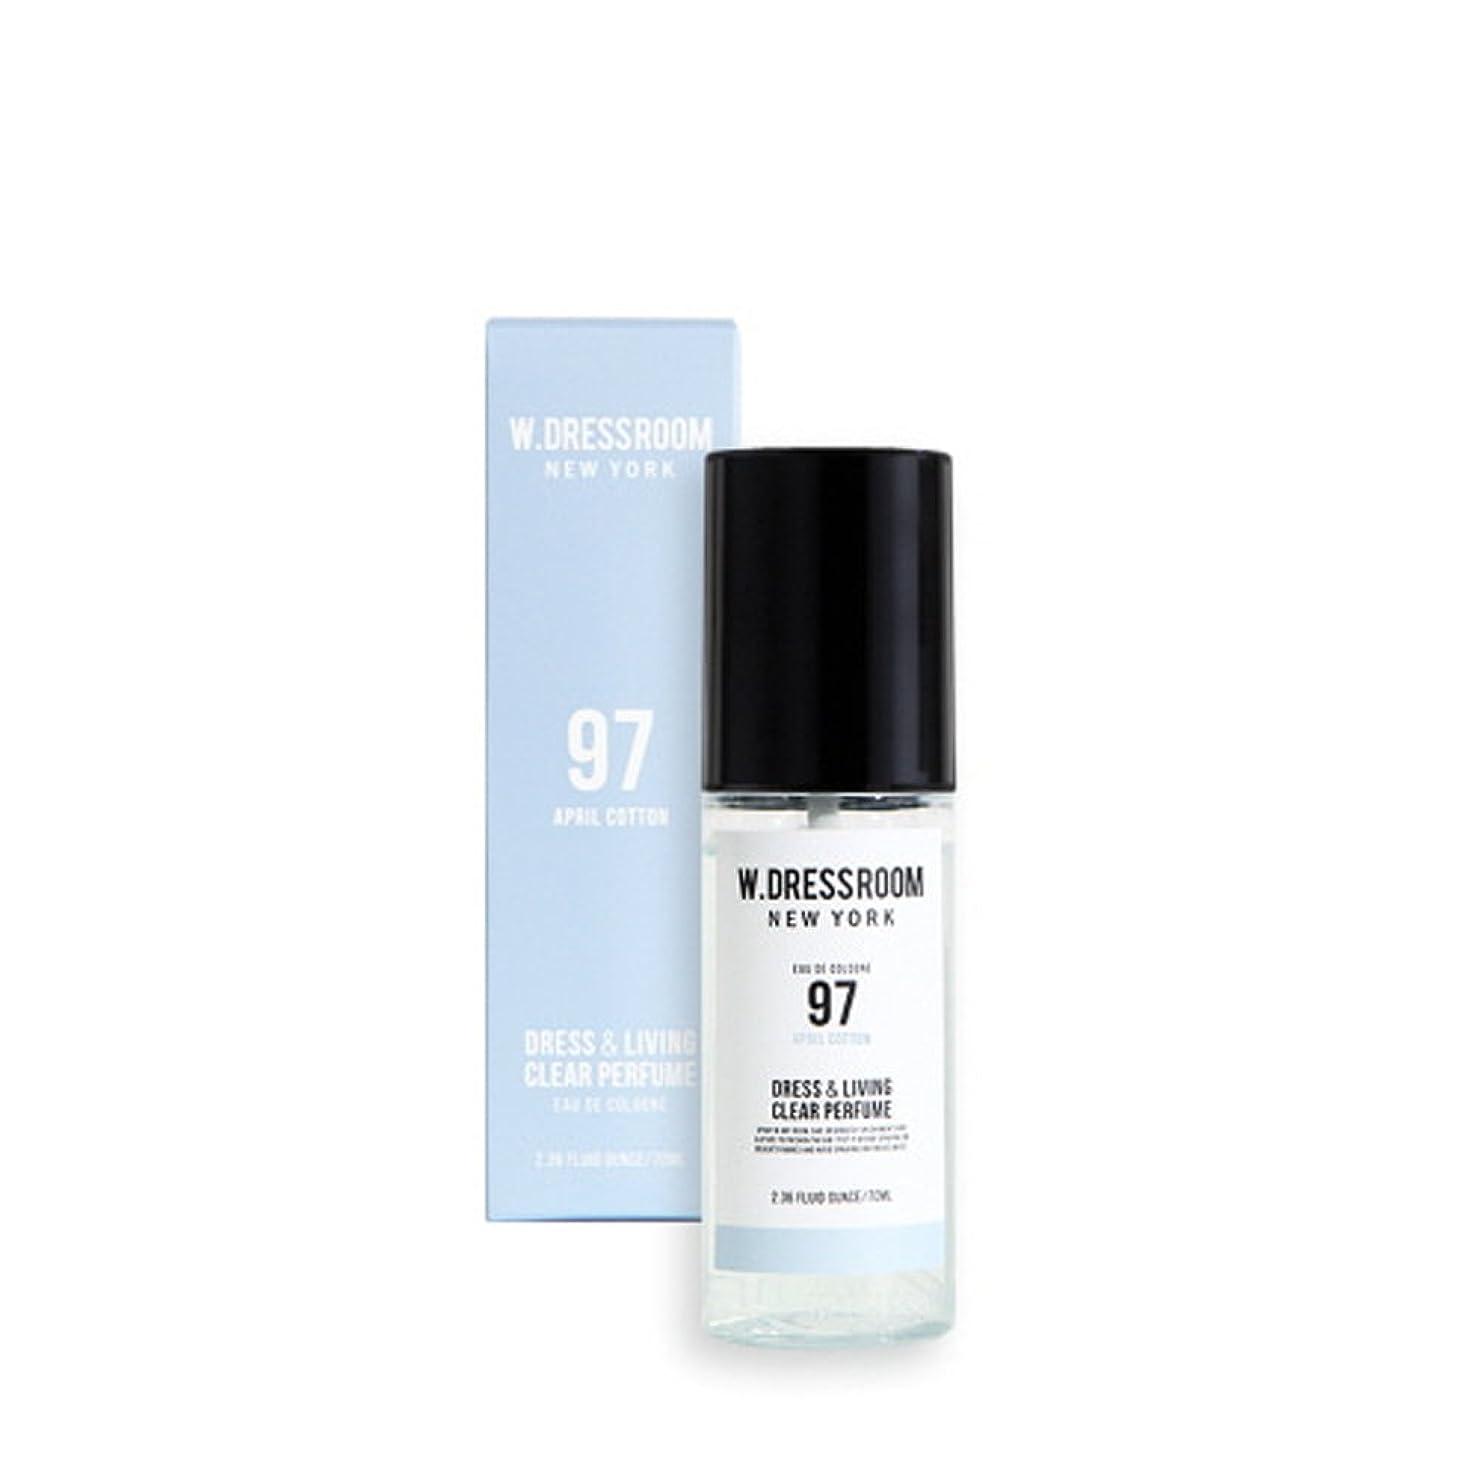 生態学安定ヒゲクジラW.DRESSROOM Dress & Living Clear Perfume 70ml (#No.97 April Cotton)/ダブルドレスルーム ドレス&リビング クリア パフューム 70ml (#No.97 April Cotton) [並行輸入品]